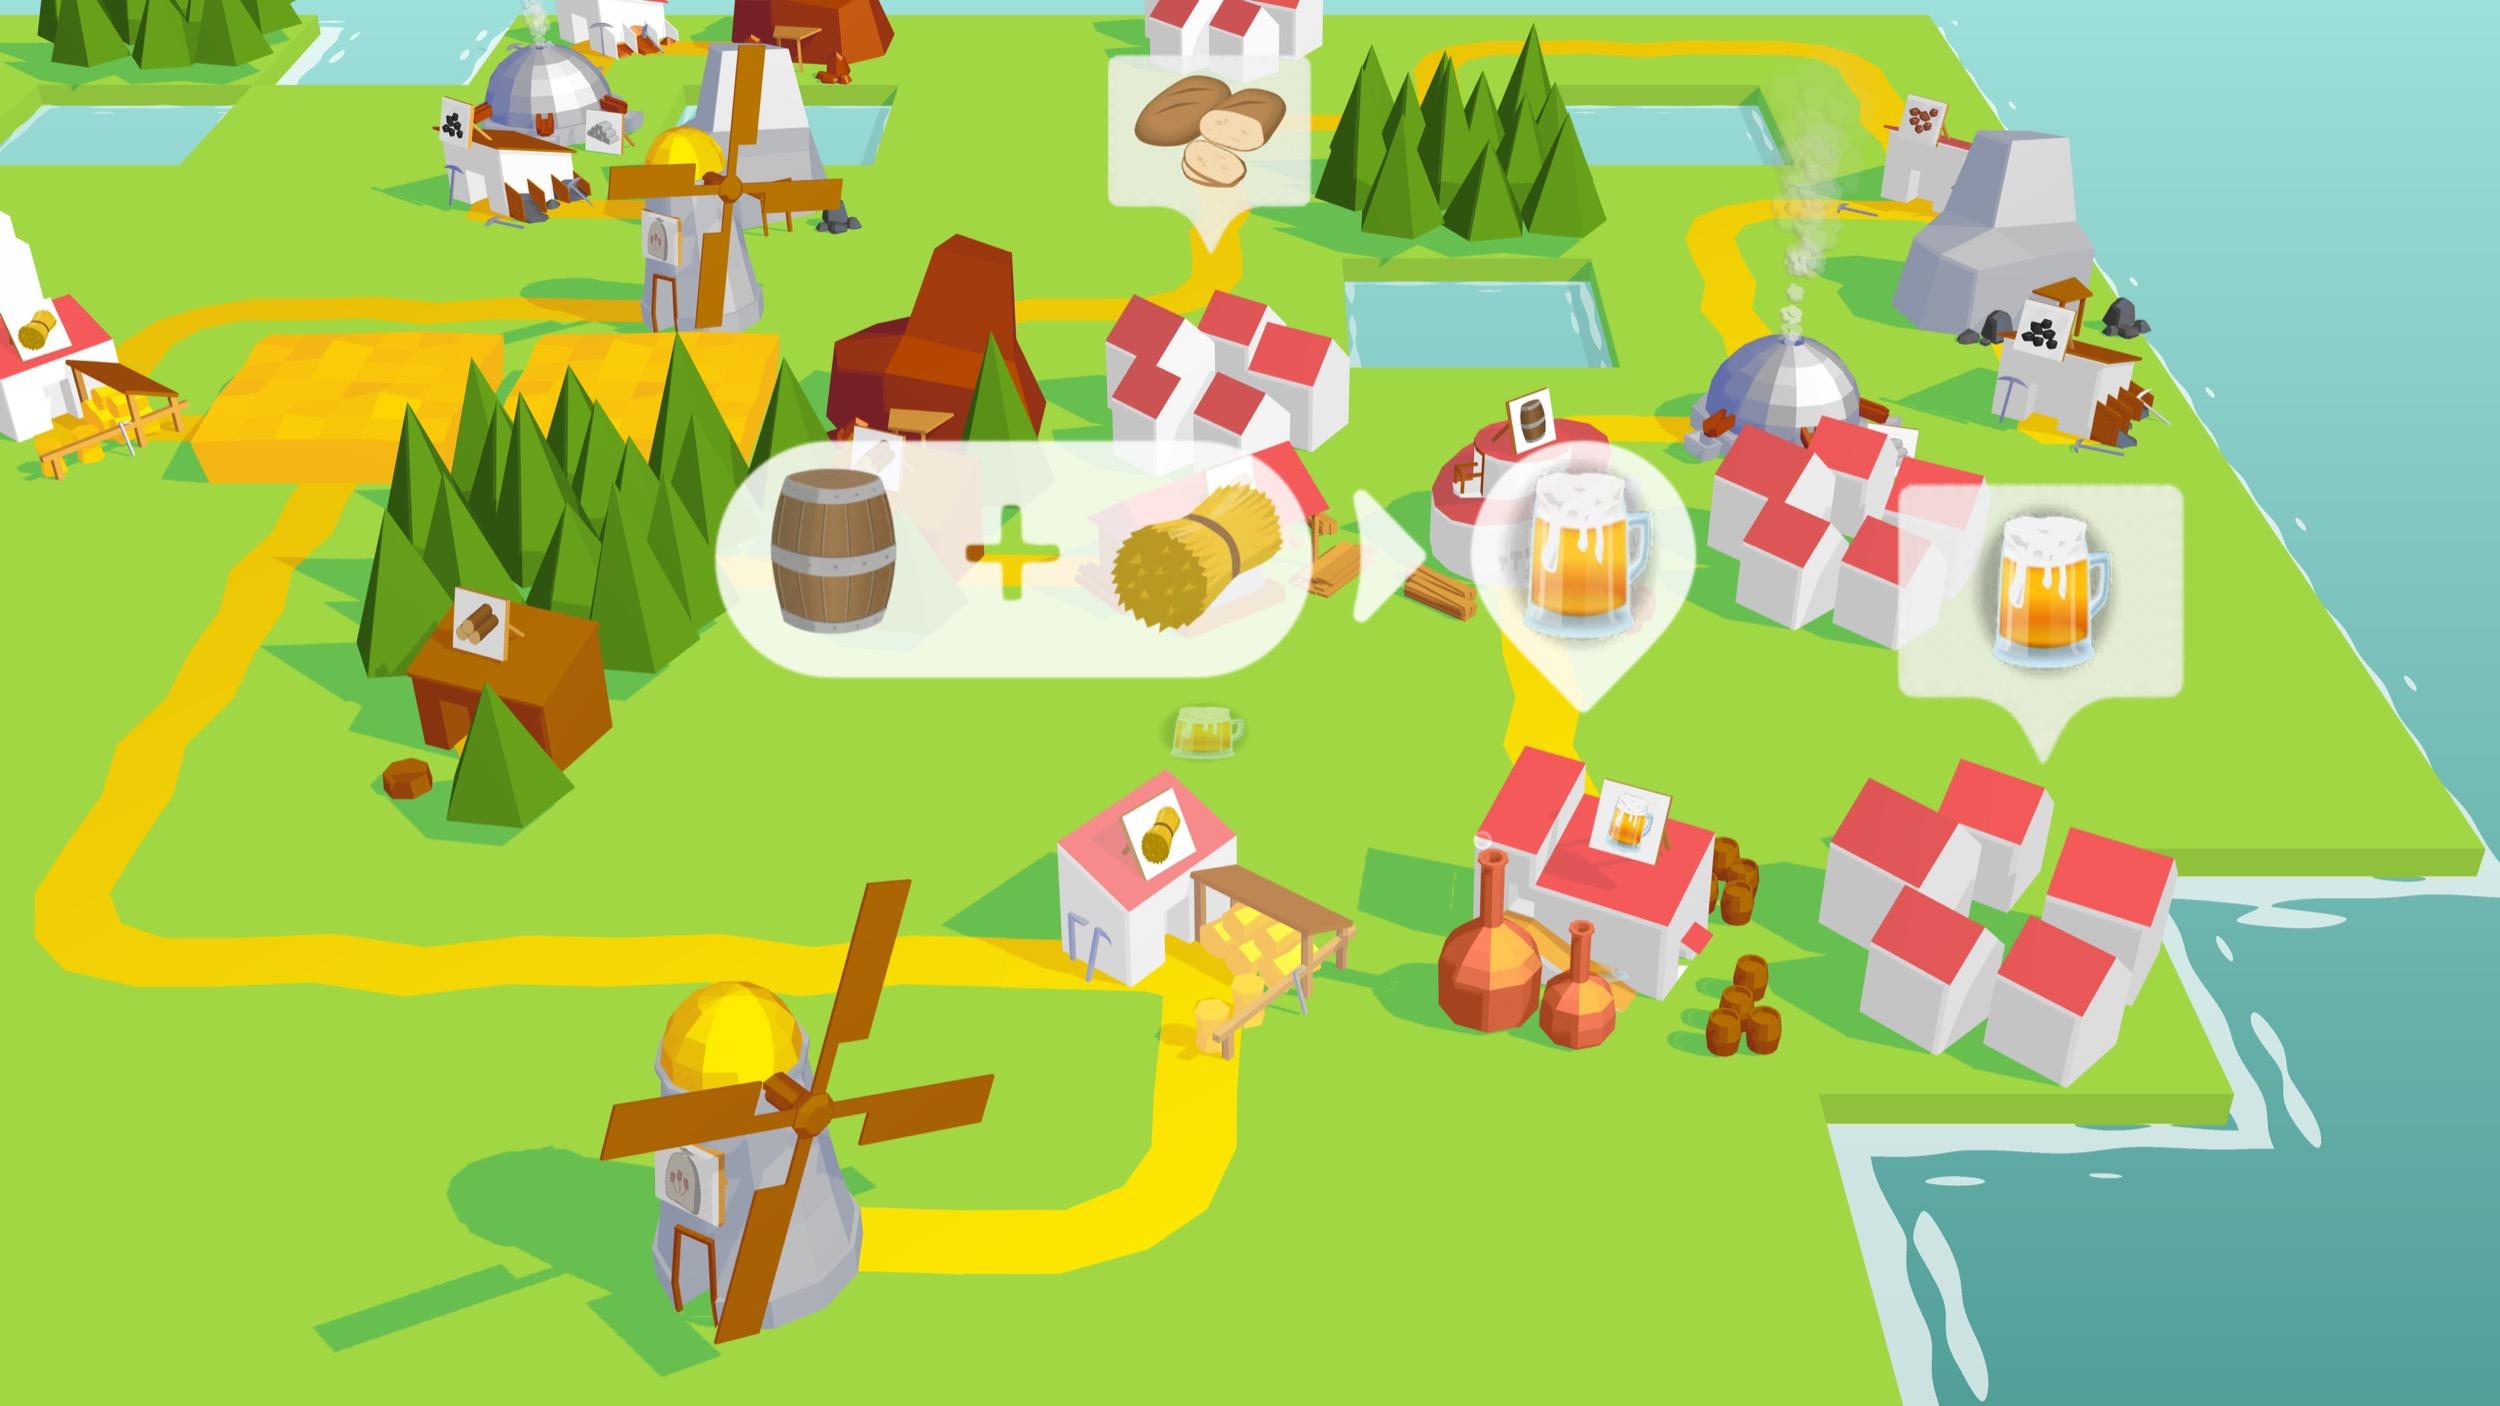 Sorties jeux : plus de 20 nouveaux titres iOS, dont Construction Simulator 3, Puzzle Pelago, Stone, Oco, etc. 1